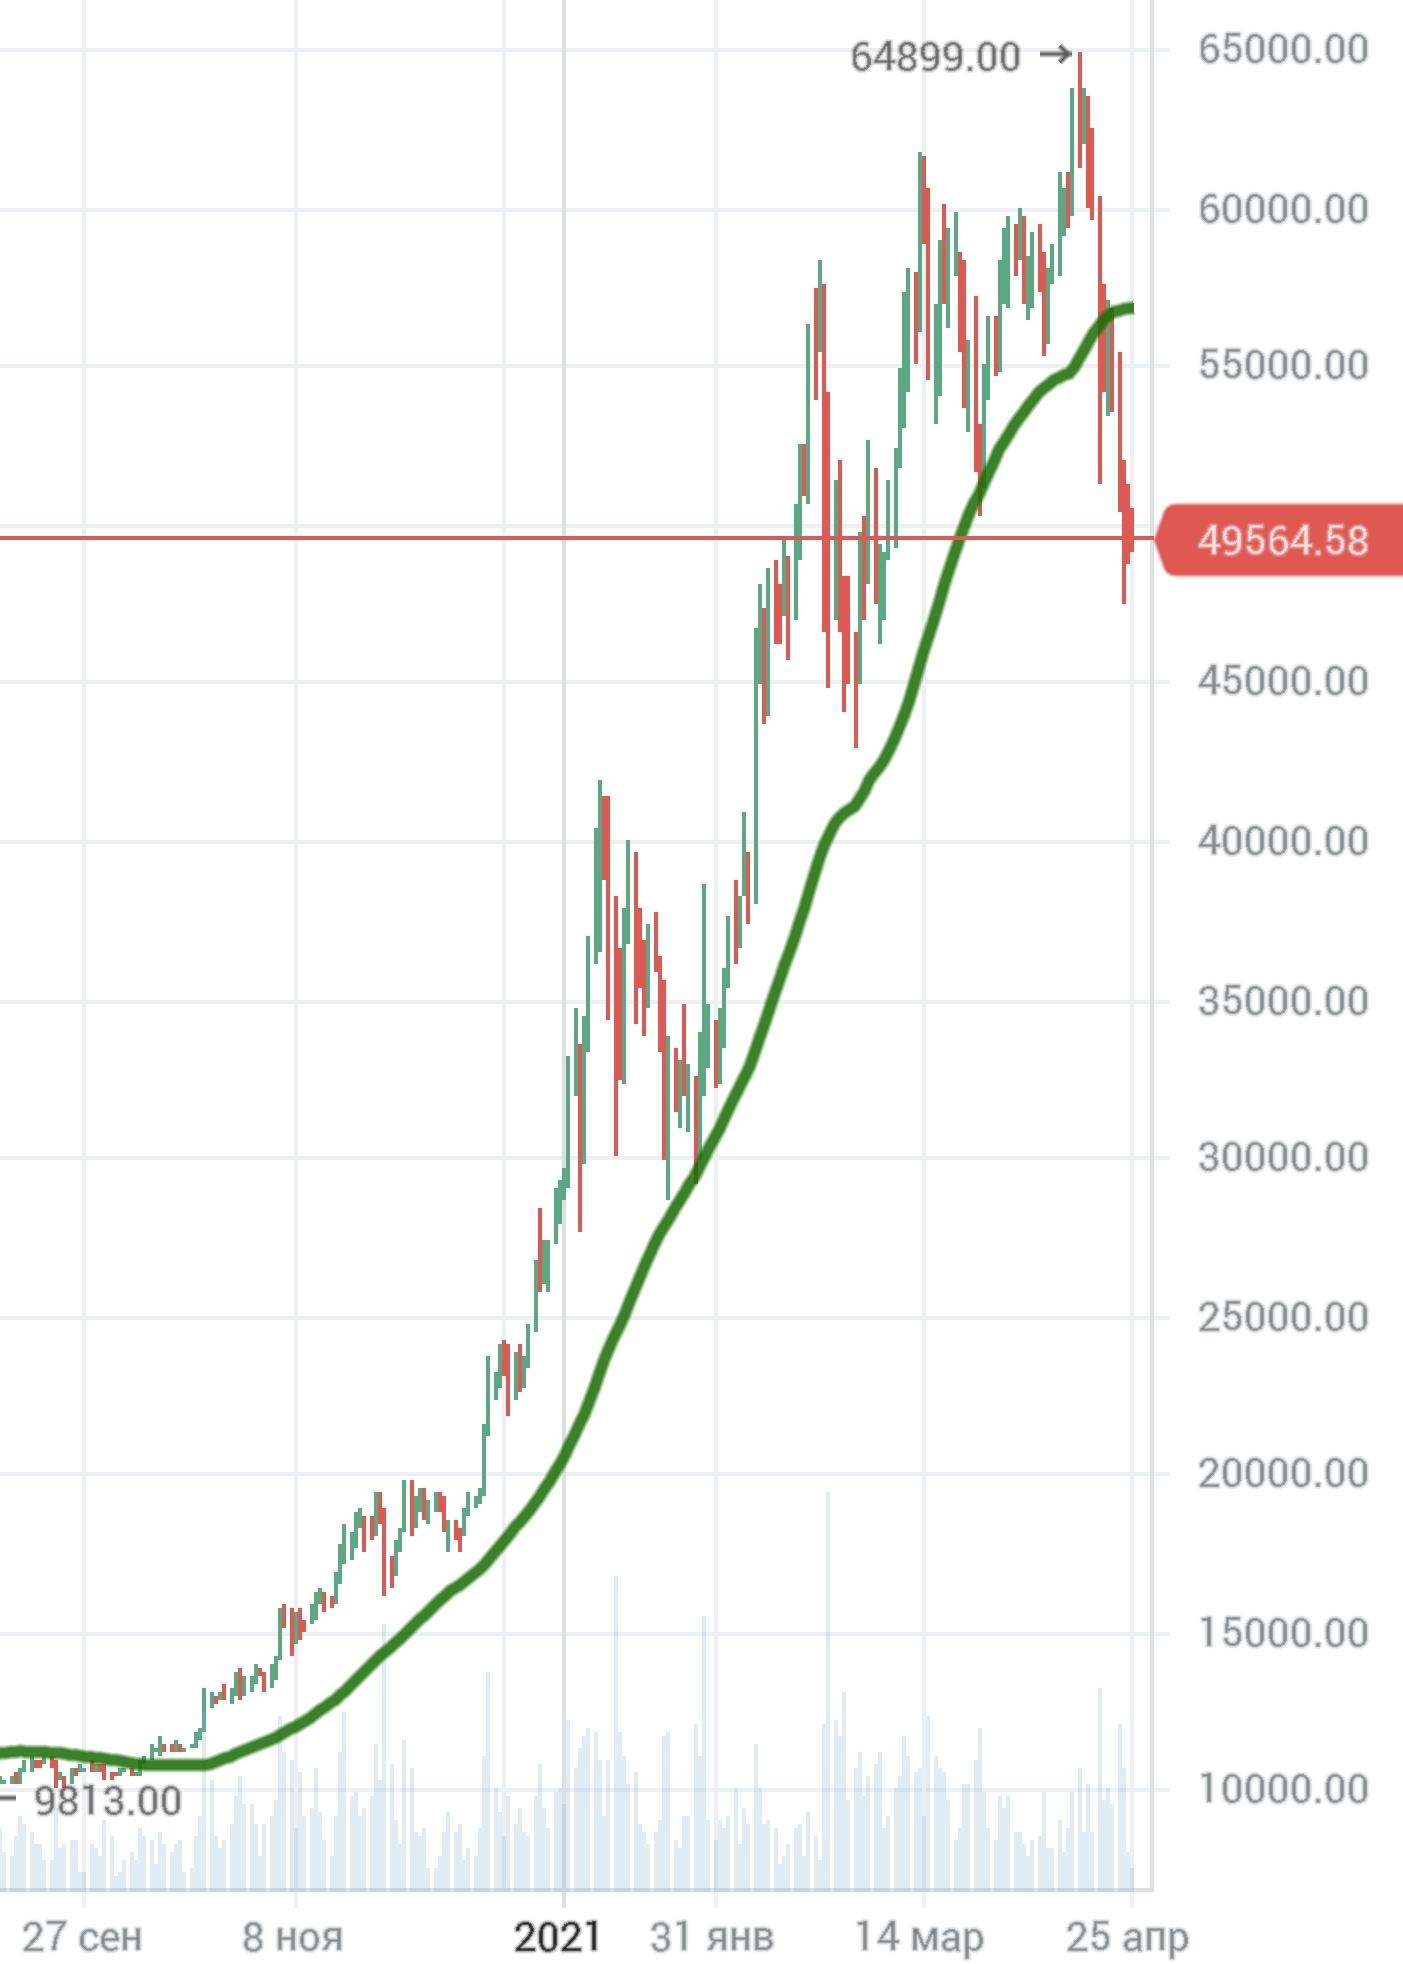 Биток - это лишняя ликвидность, сложится на этапе роста ставок